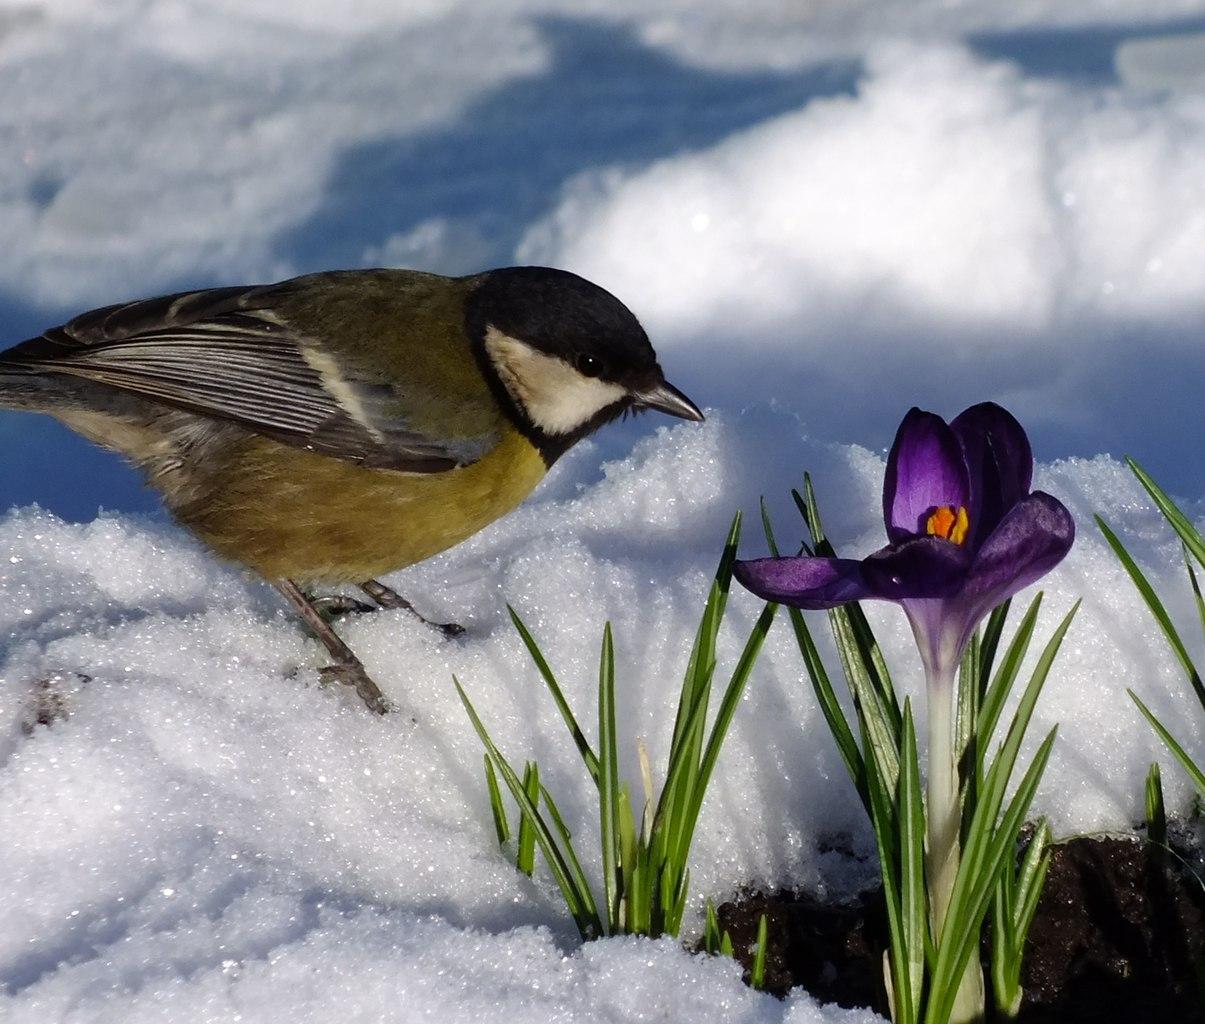 Картинки весны с ручейком птицами и цветами